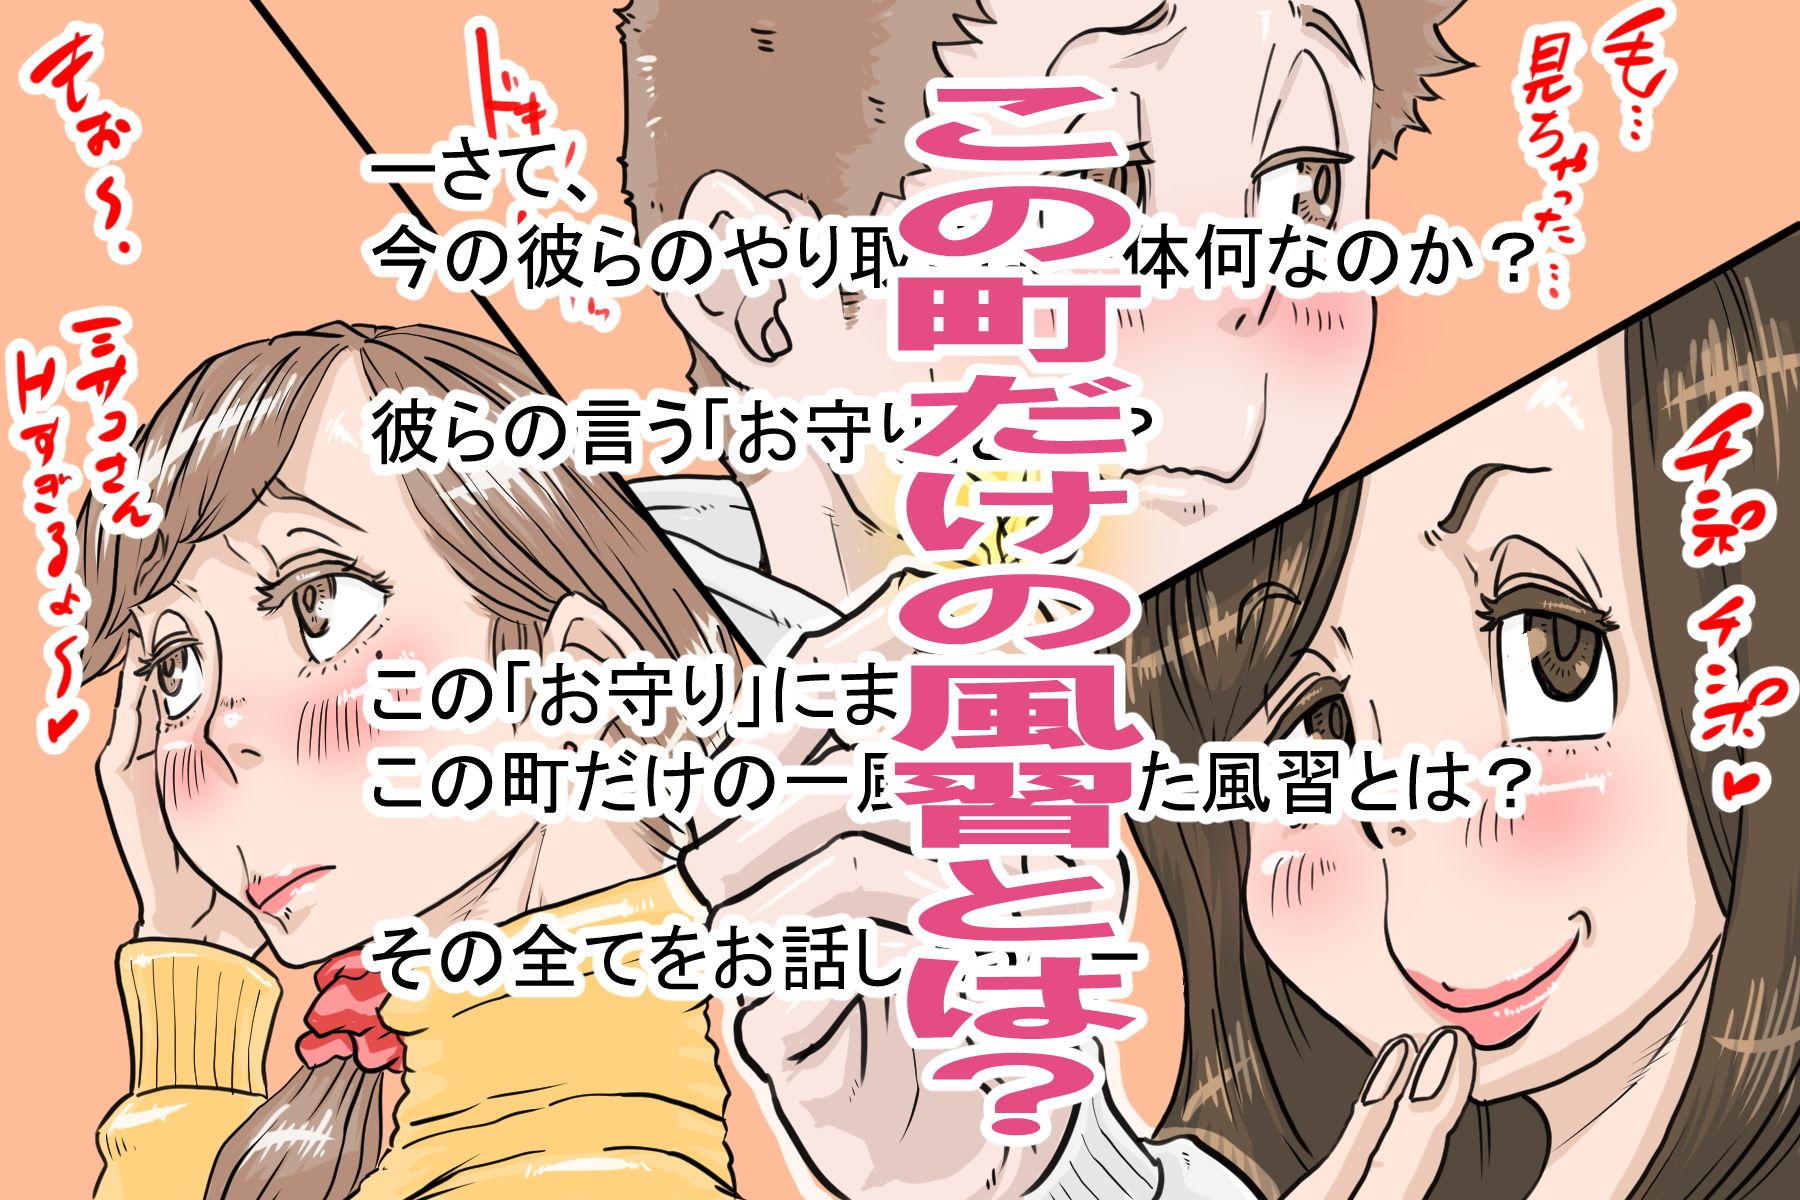 「受験のお守り」〜第1話・ミサコさんのお守り編〜